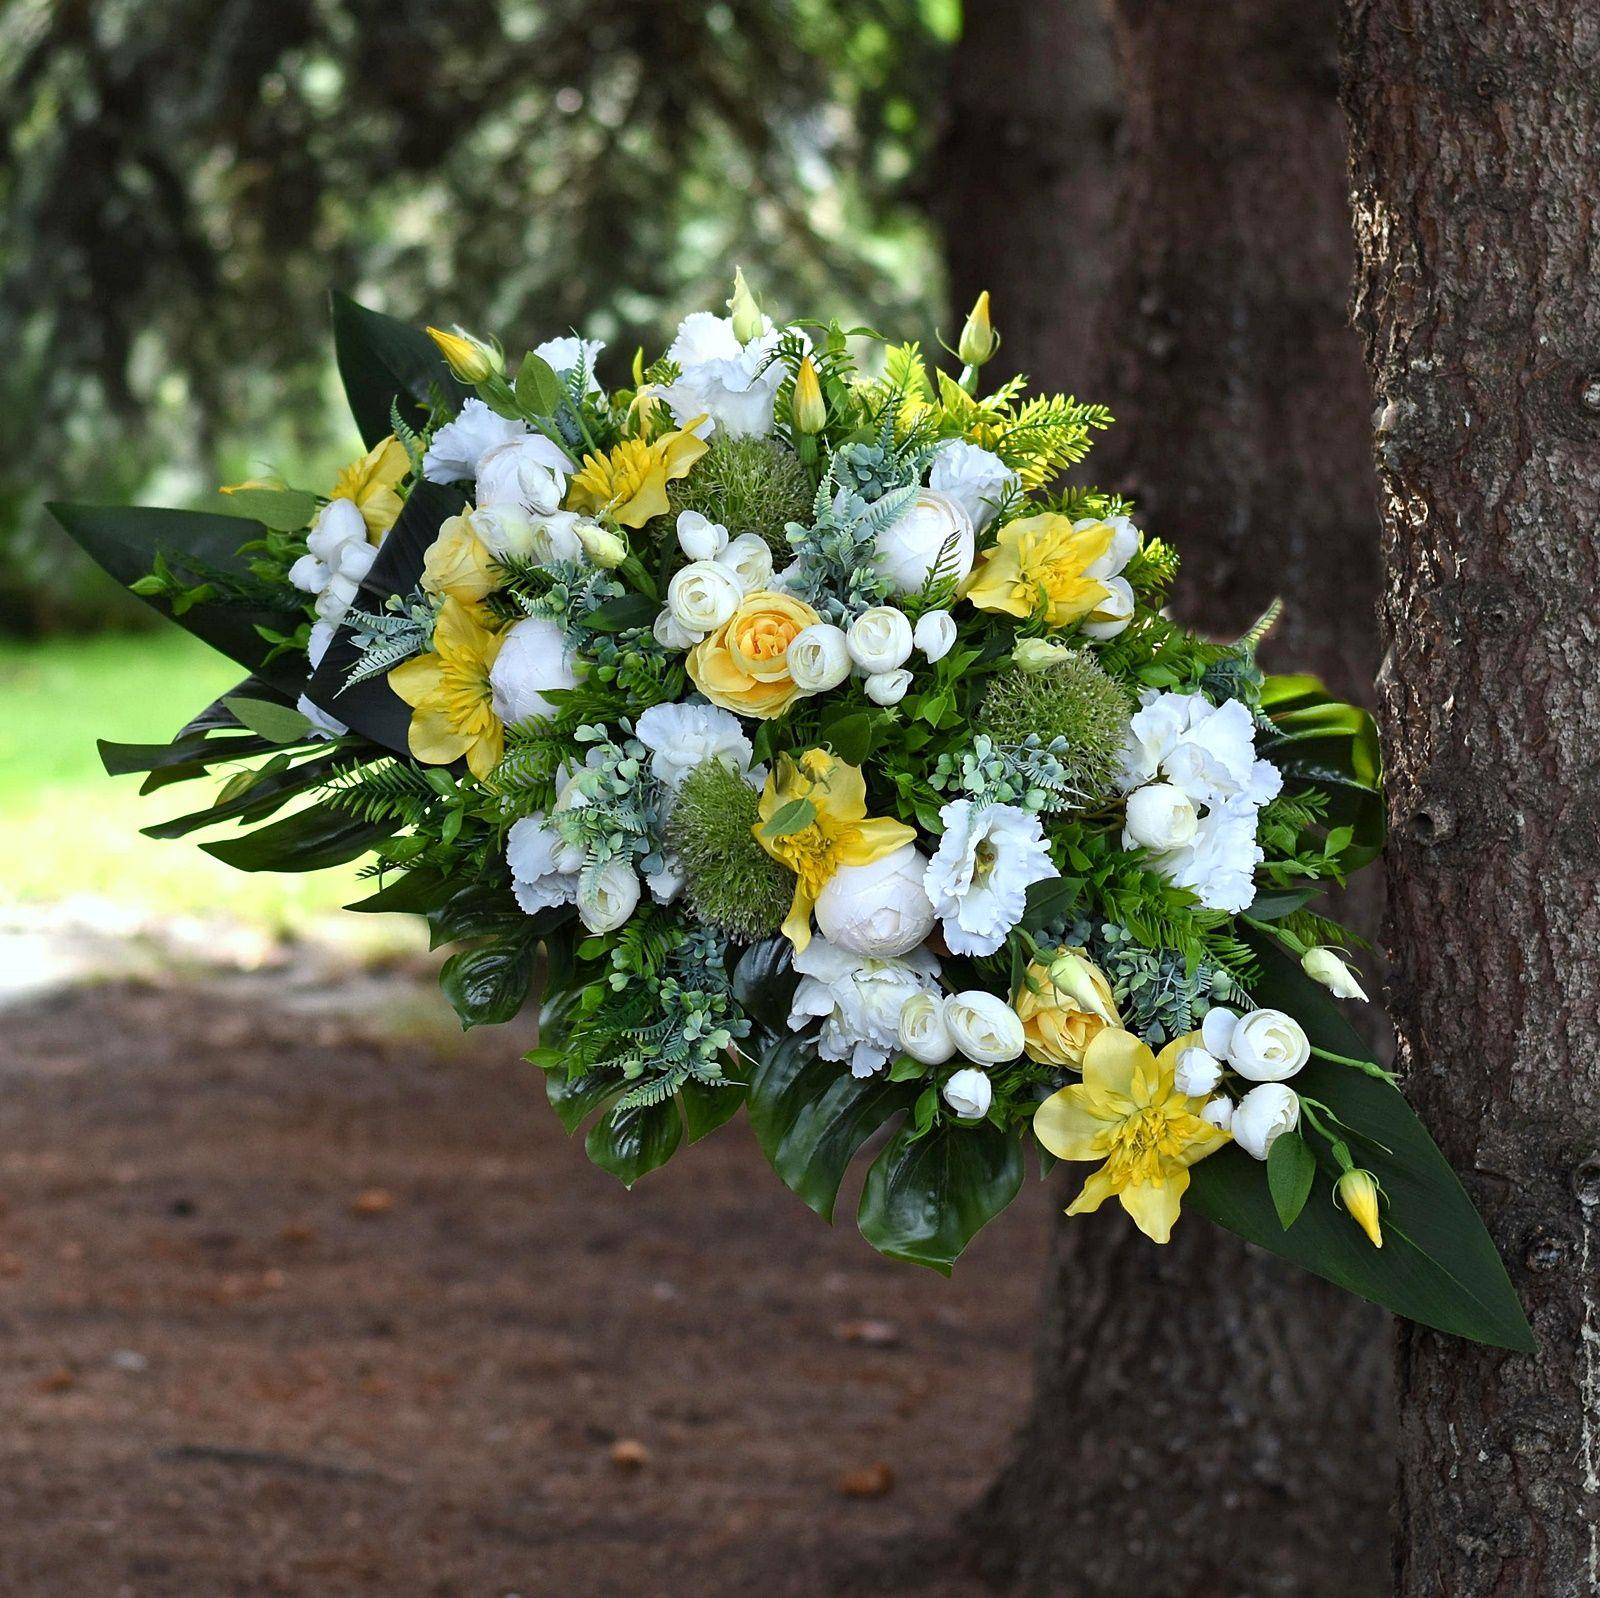 Dekoracja Nagrobna Z Kwiatow Sztucznych Cemetery Flowers Silk Flowers Flowers